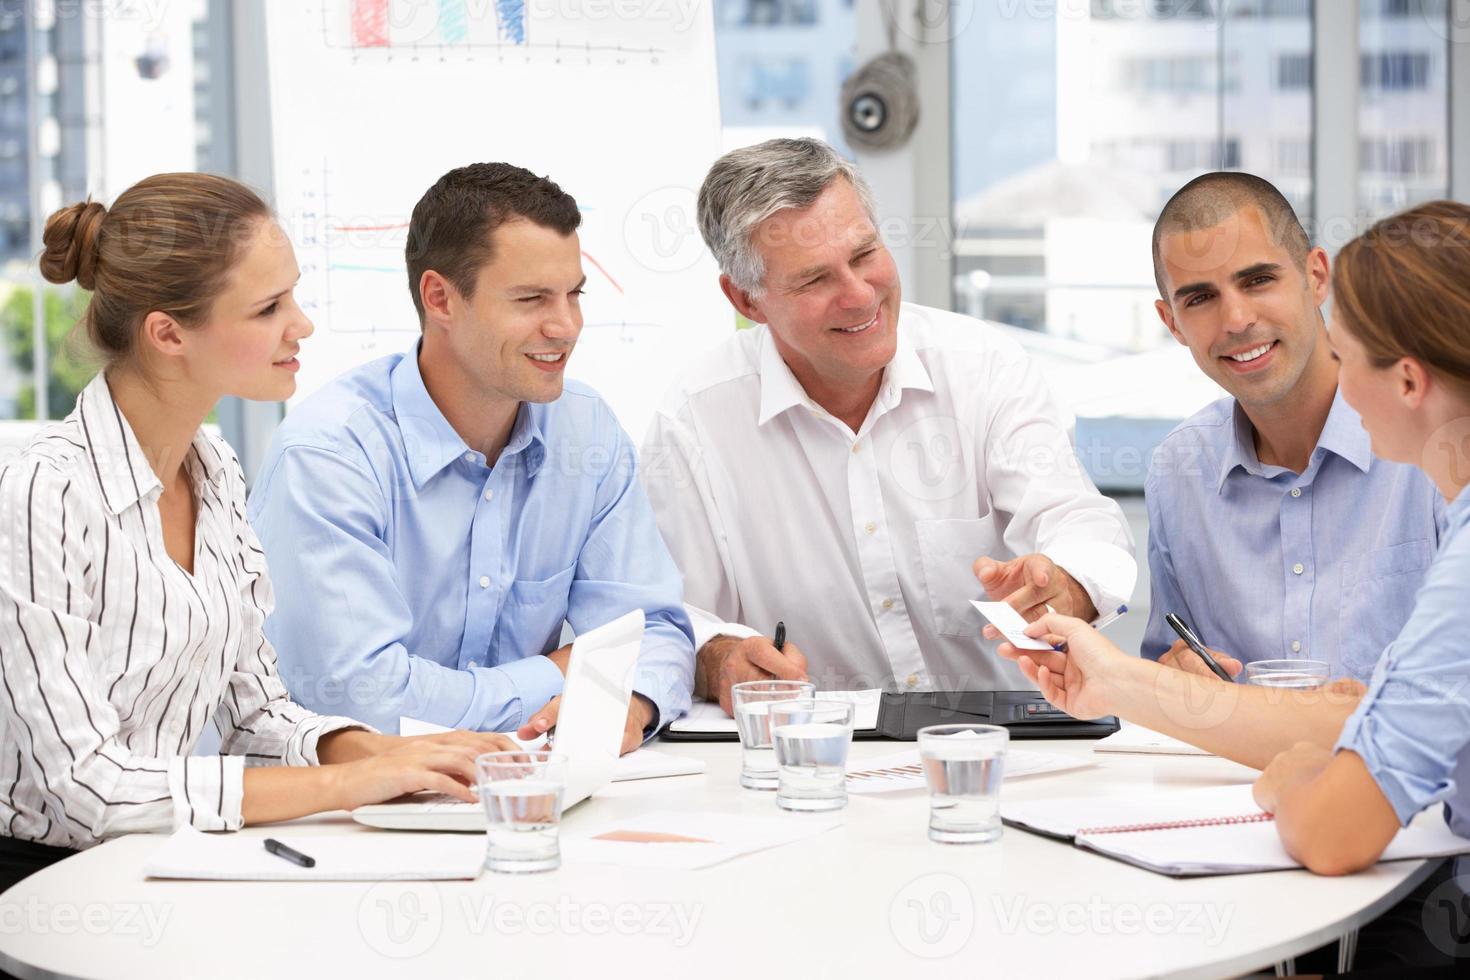 groupe de gens d'affaires assis dans une réunion photo